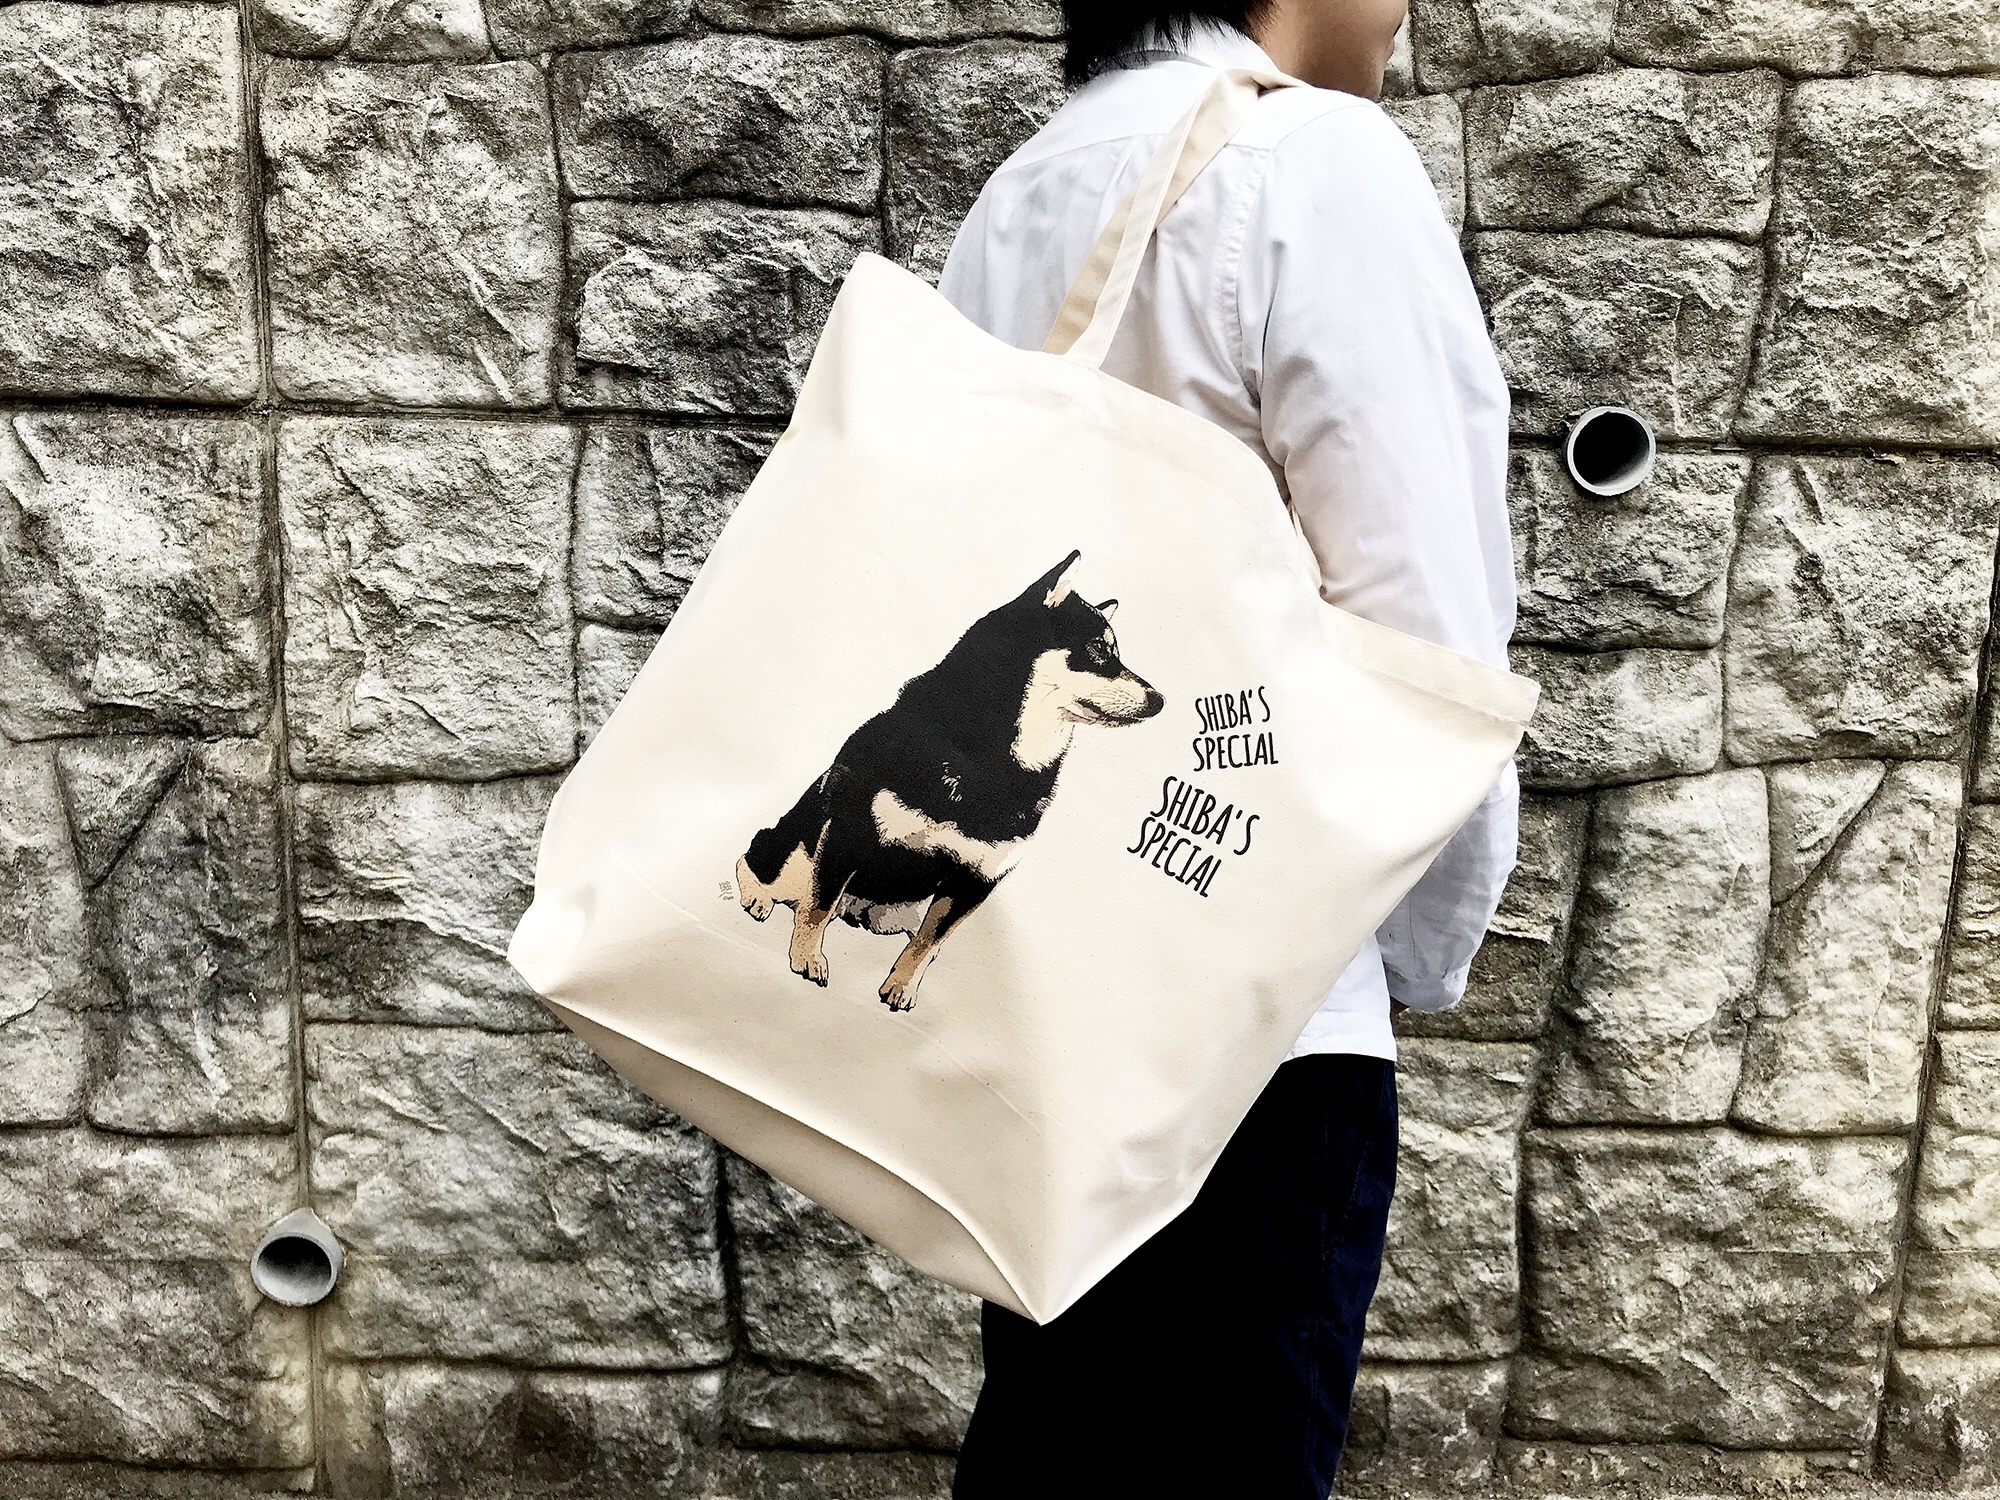 【再入荷準備中】ビッグサイズな柴犬トートバッグ<復刻!! 黒柴デザイン>